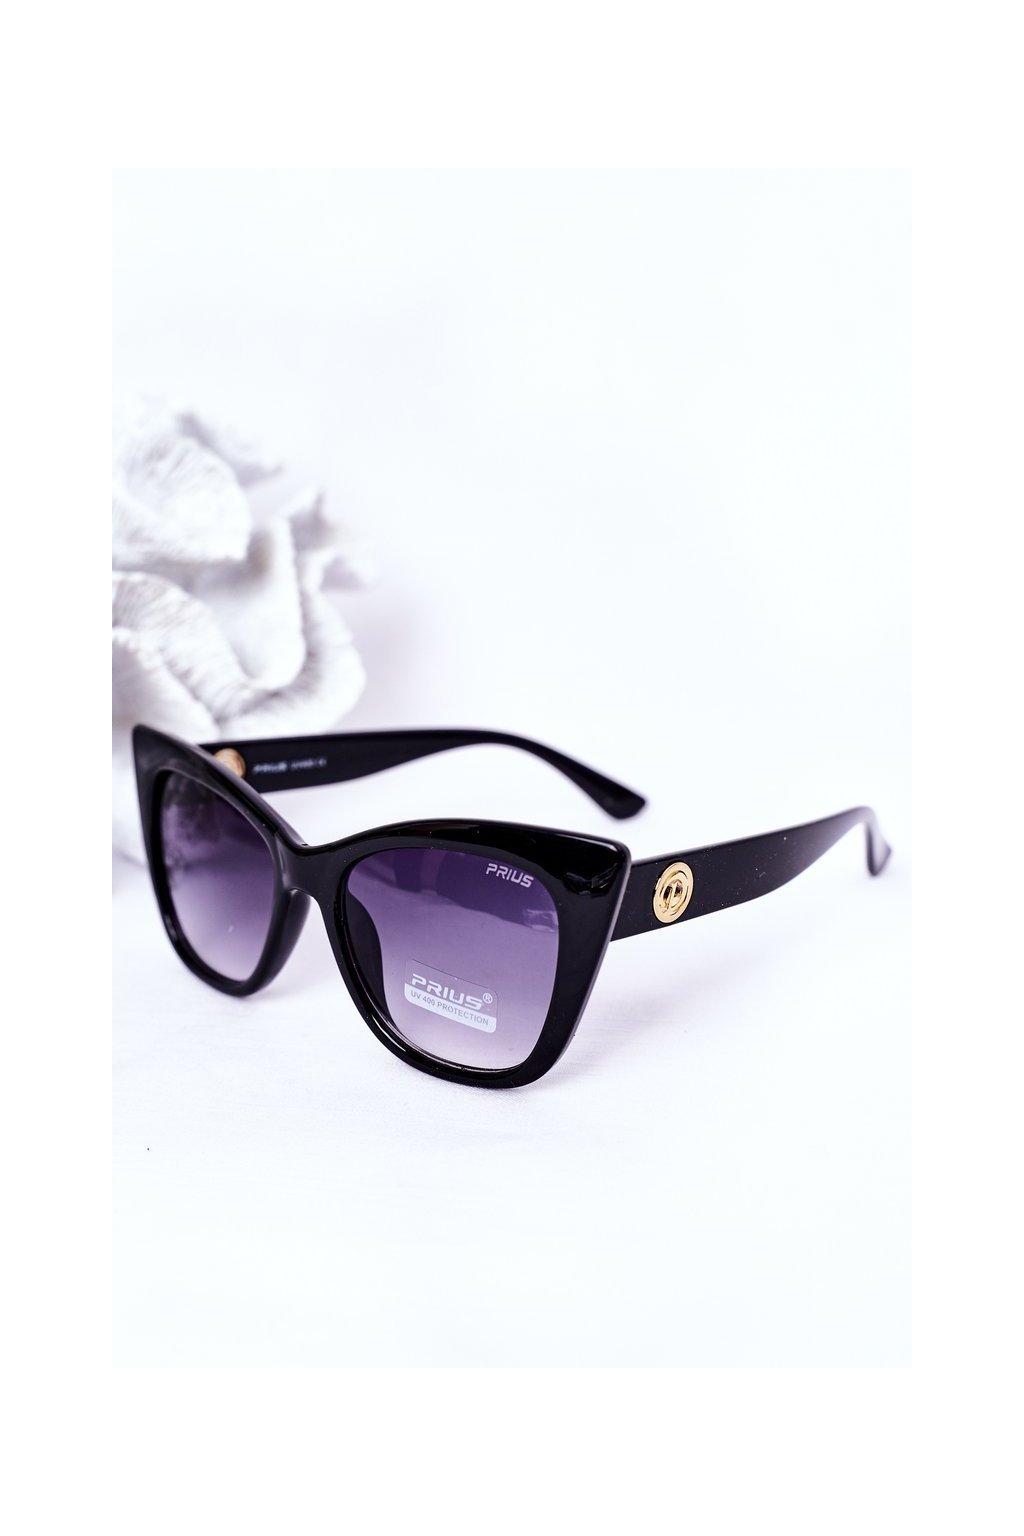 Slnečné okuliare PRIUS Eyewear čierne PRIUS008 BLACK